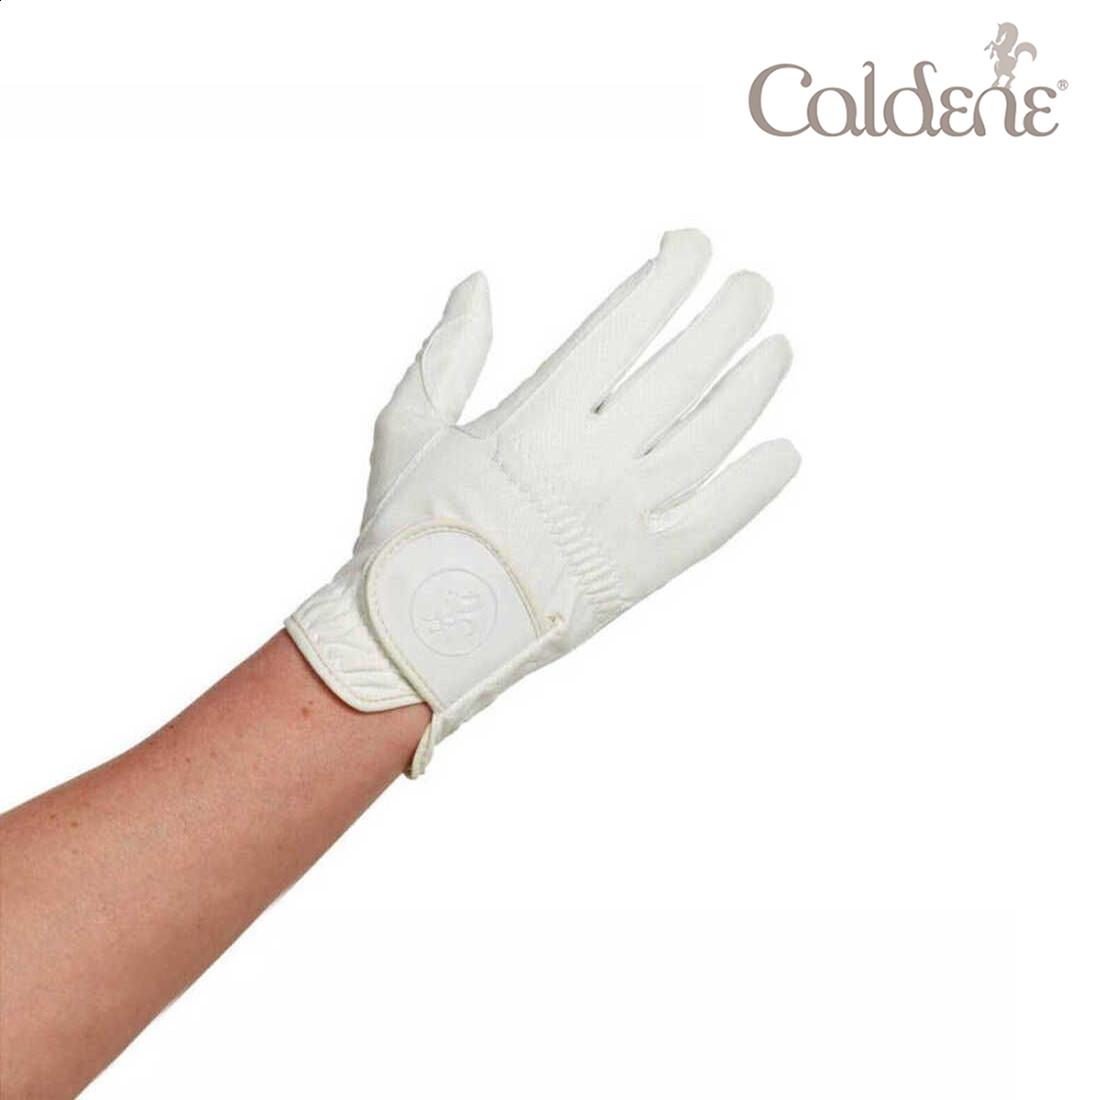 Caldene Competion Gloves